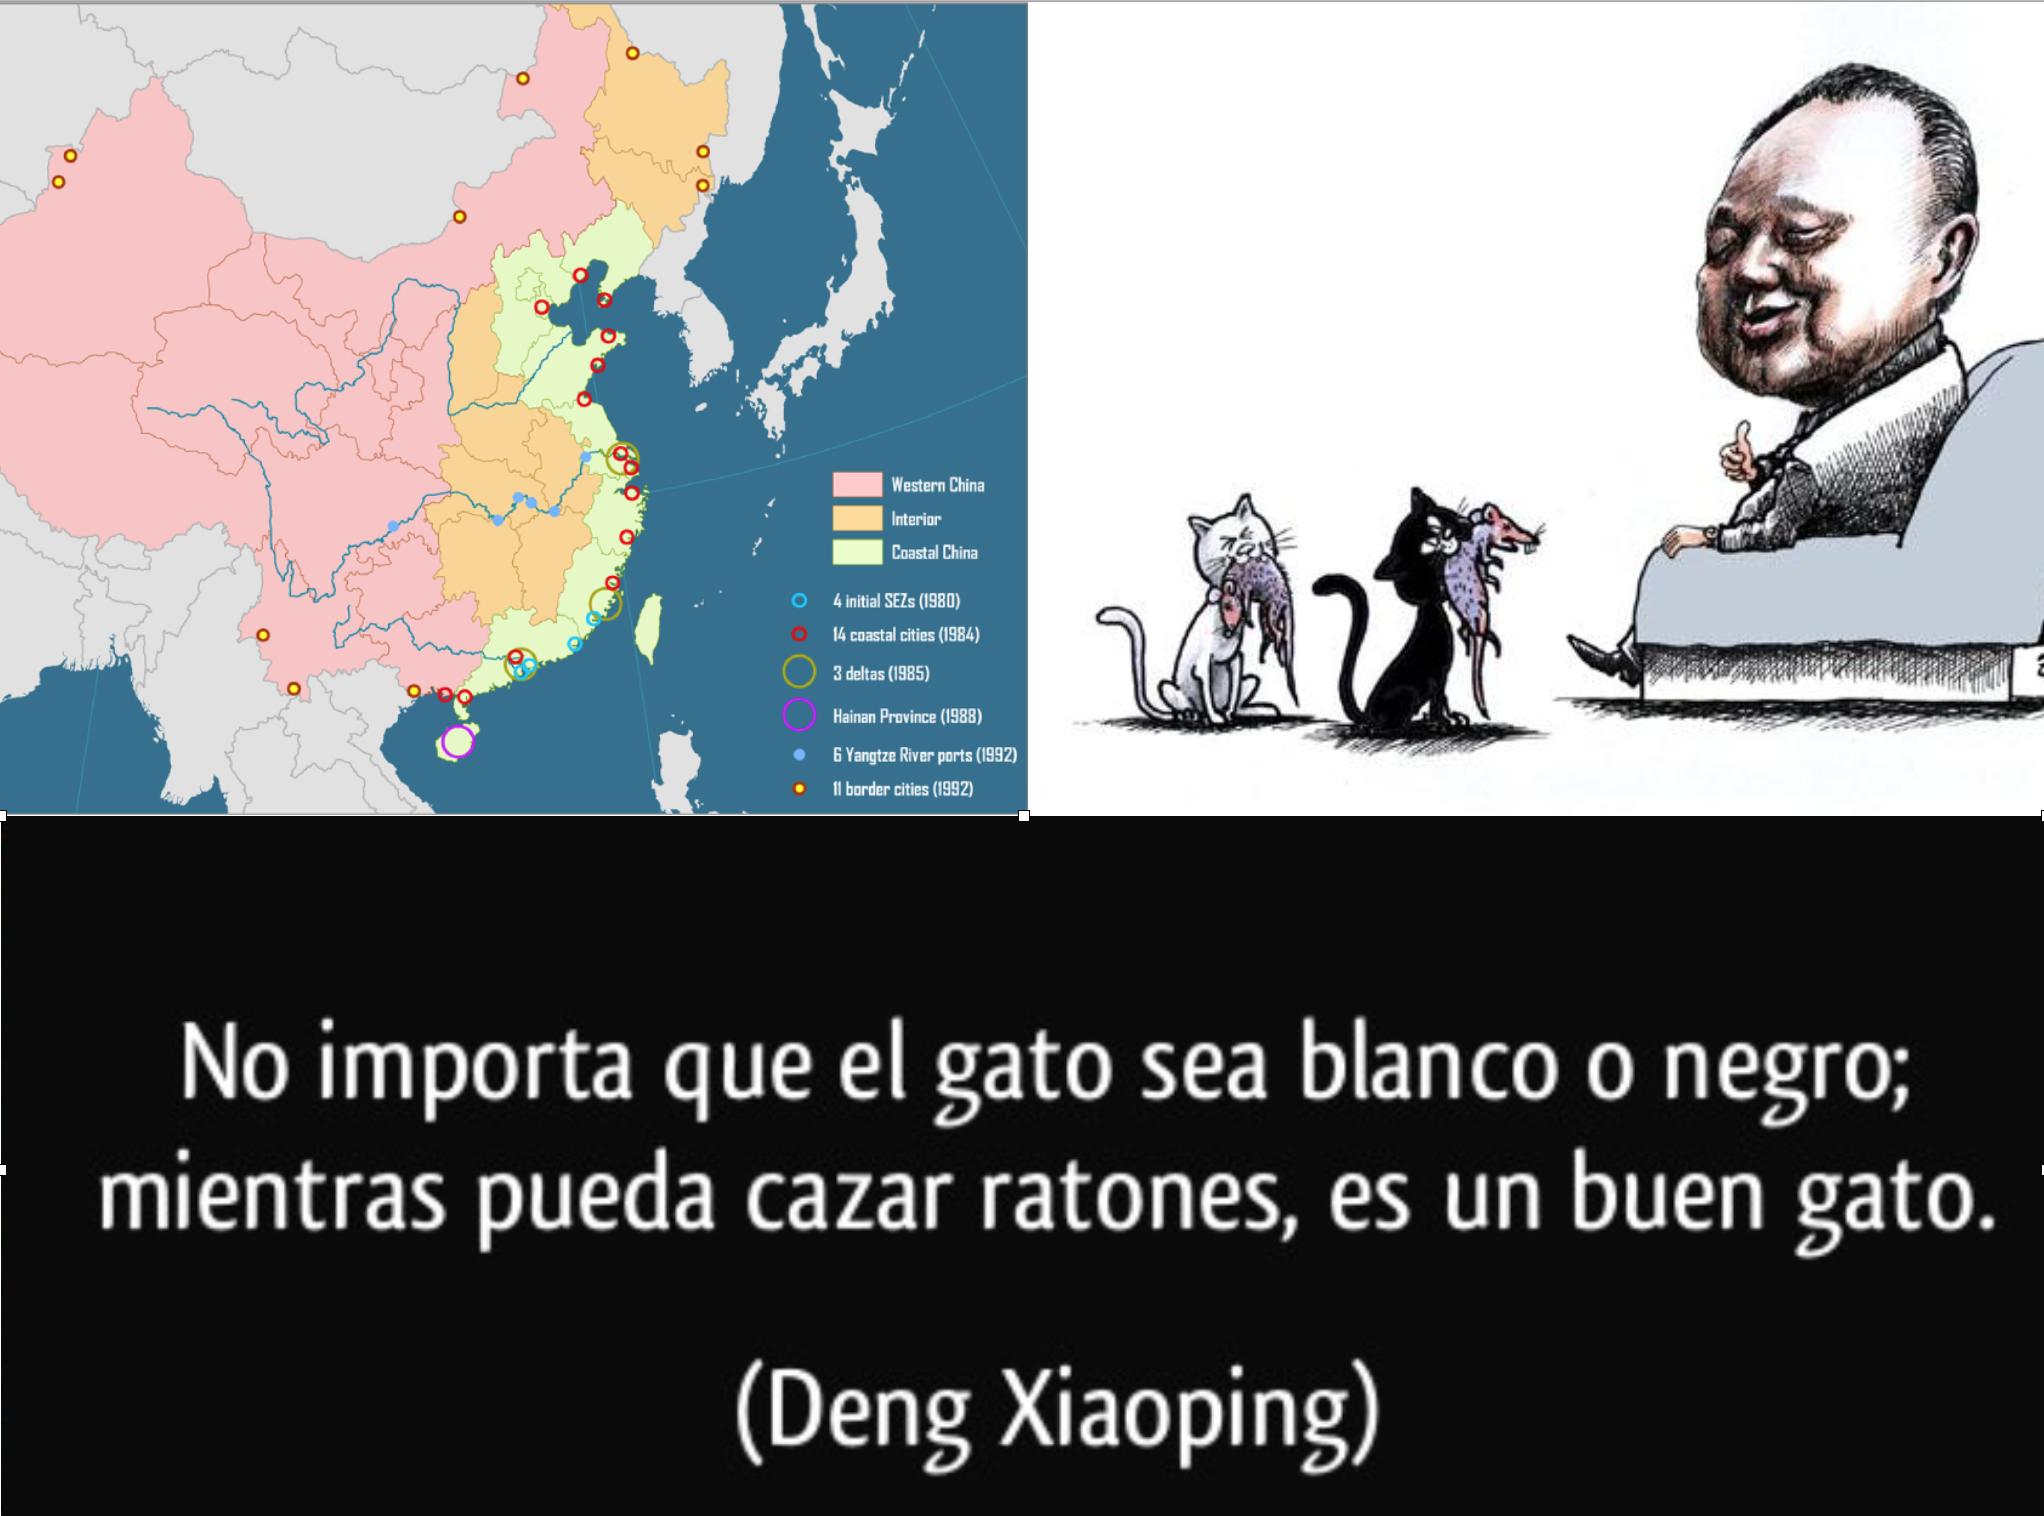 Pragmatismo de Deng Xiaoping